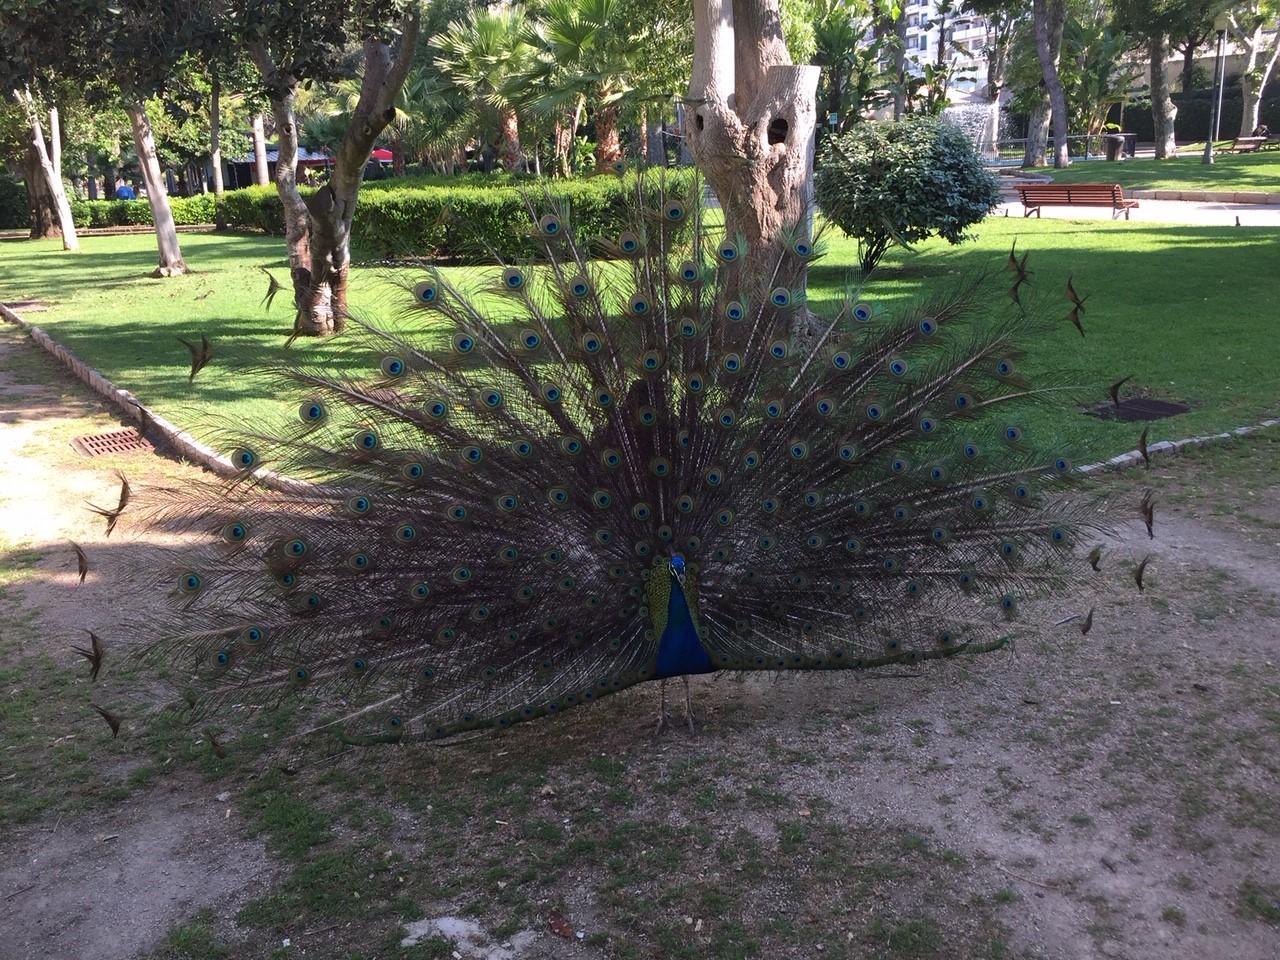 Peacocks in Faro